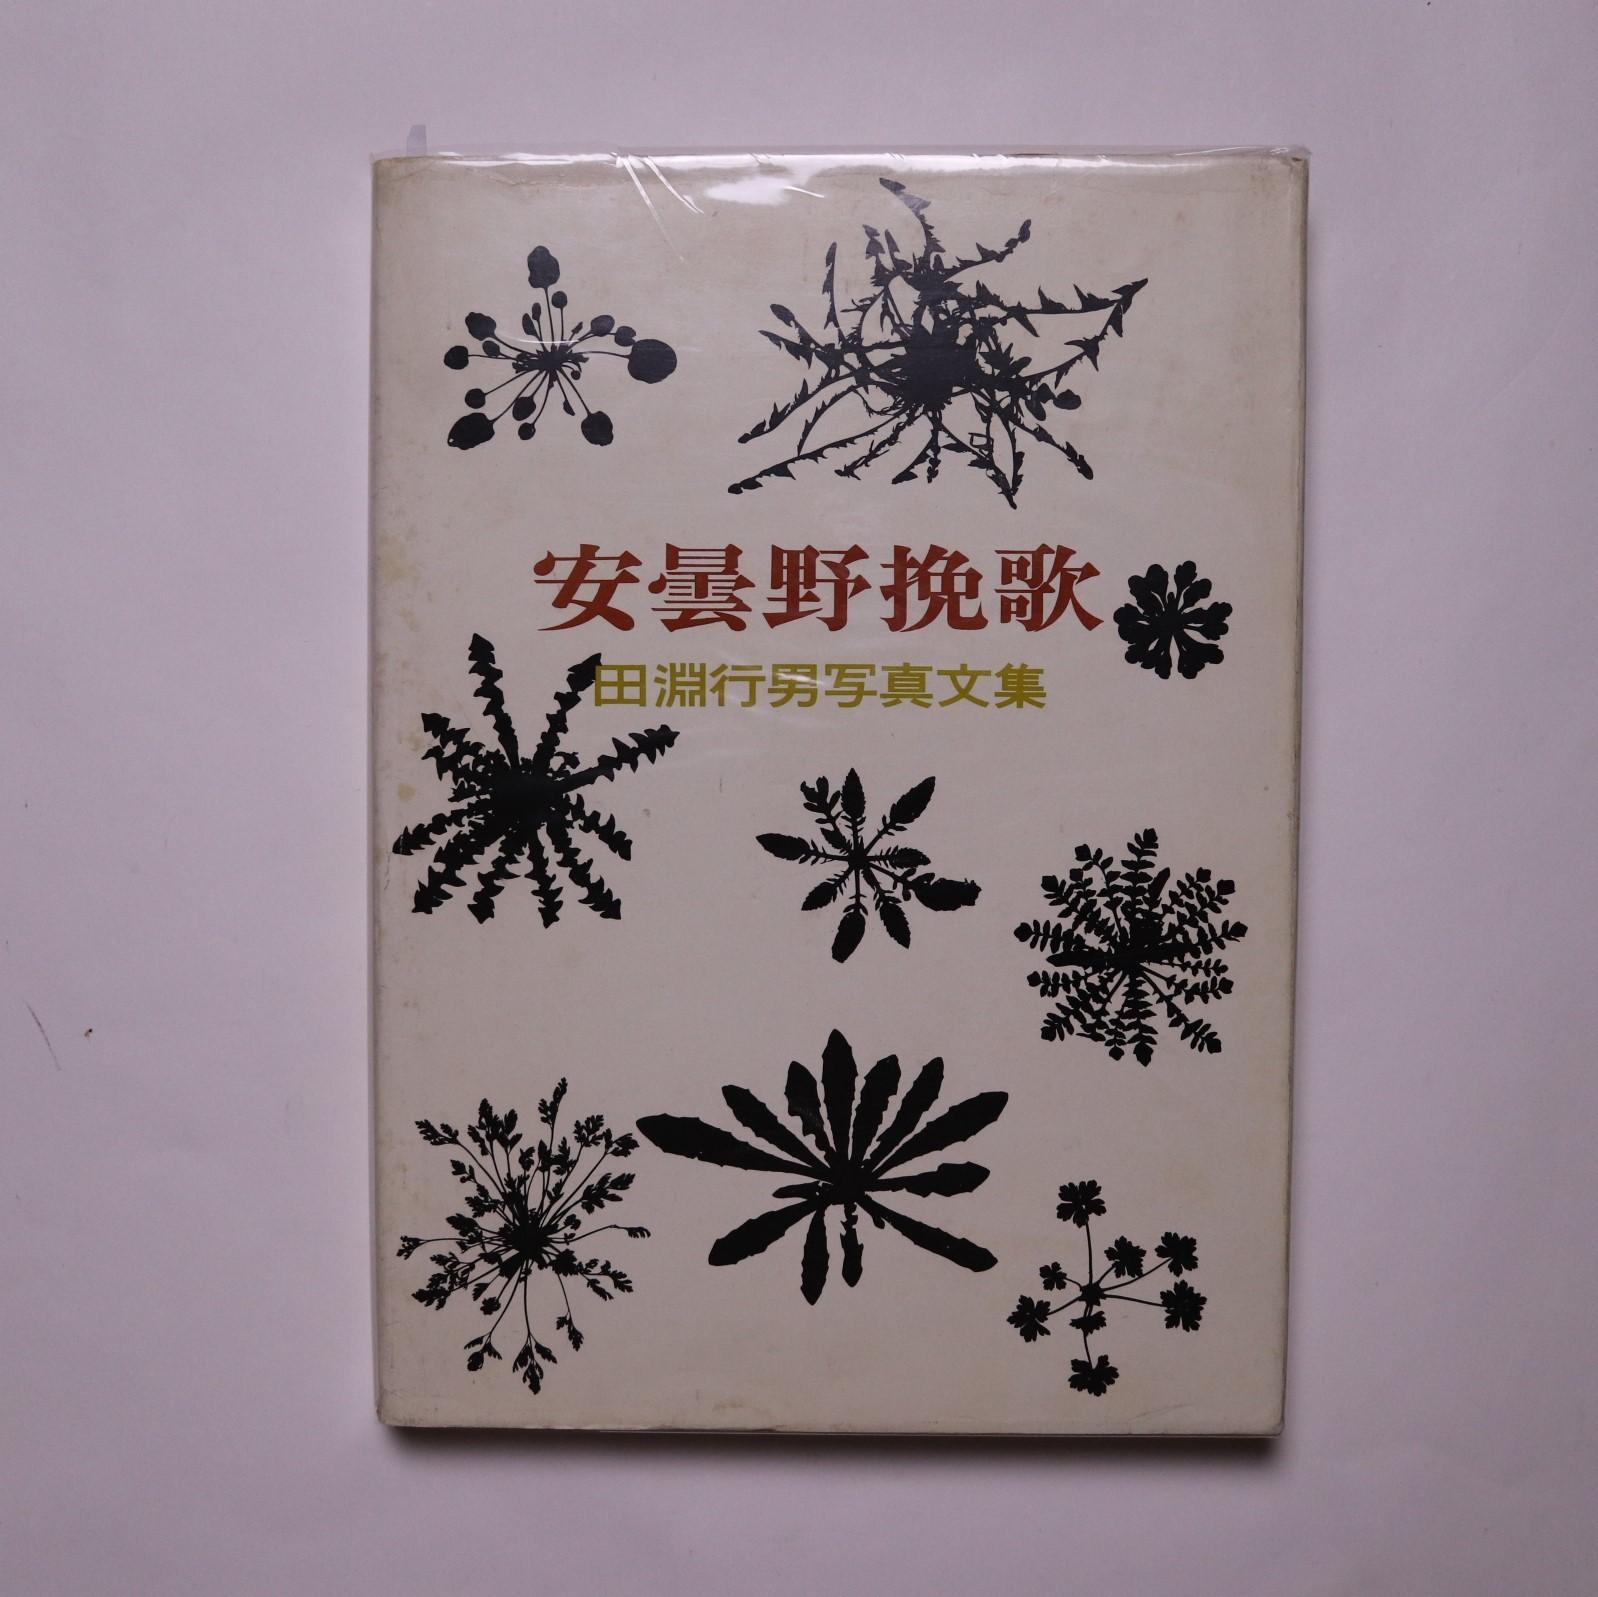 安曇野挽歌 田淵行男写真文集  /  田淵 行男